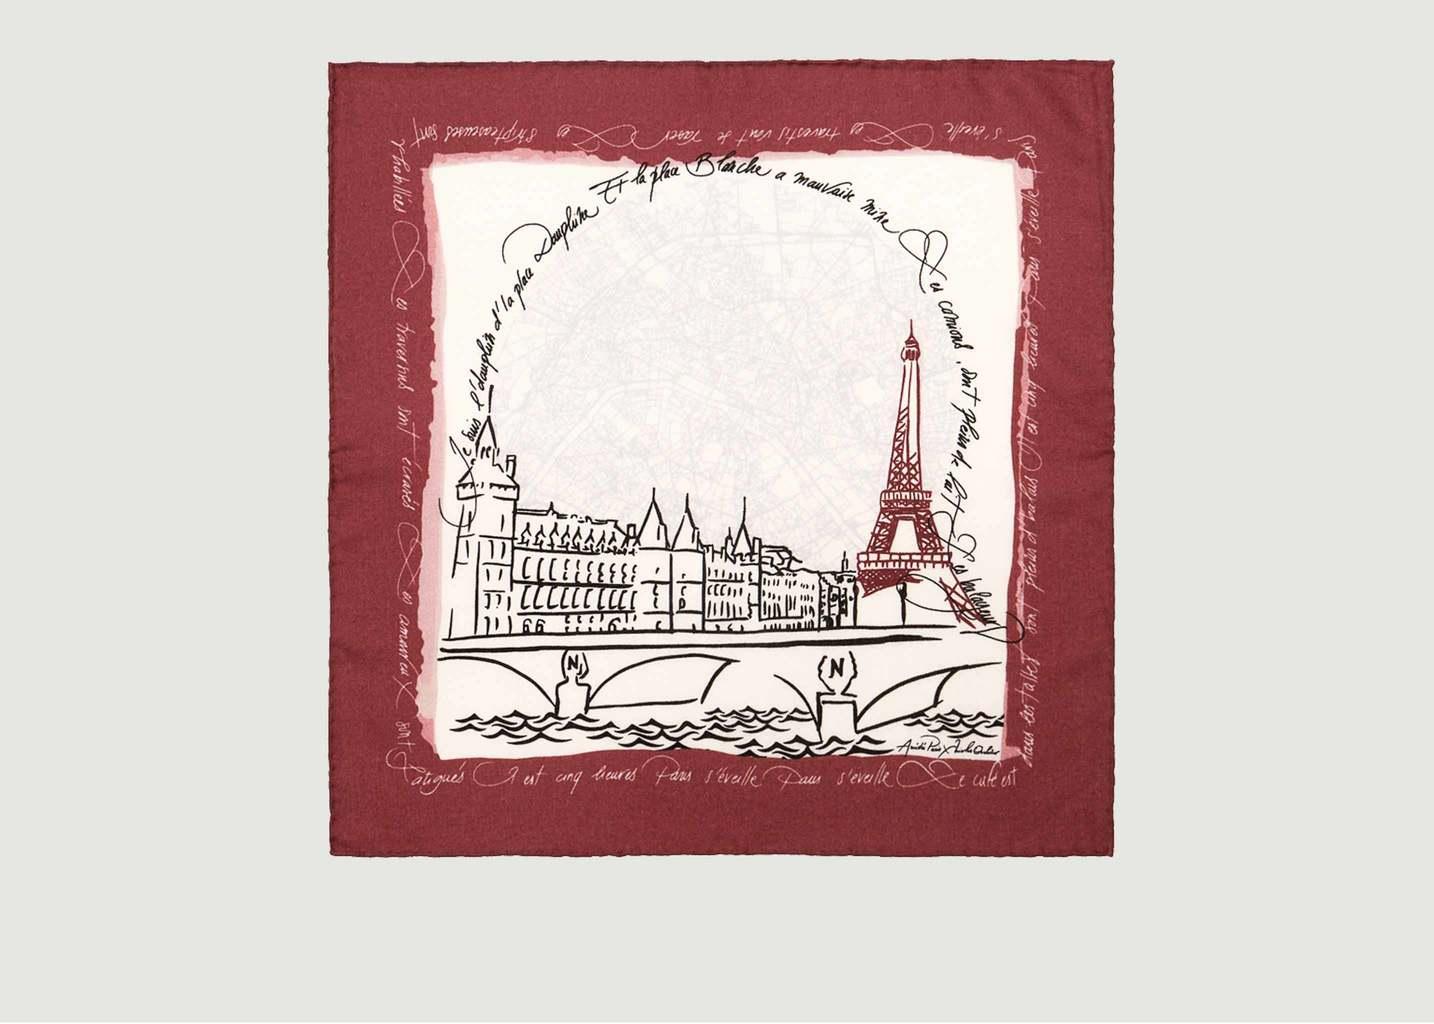 Foulard Carré Mérinos Paris Amédée x Nicolas Ouchenir - Amédée Paris